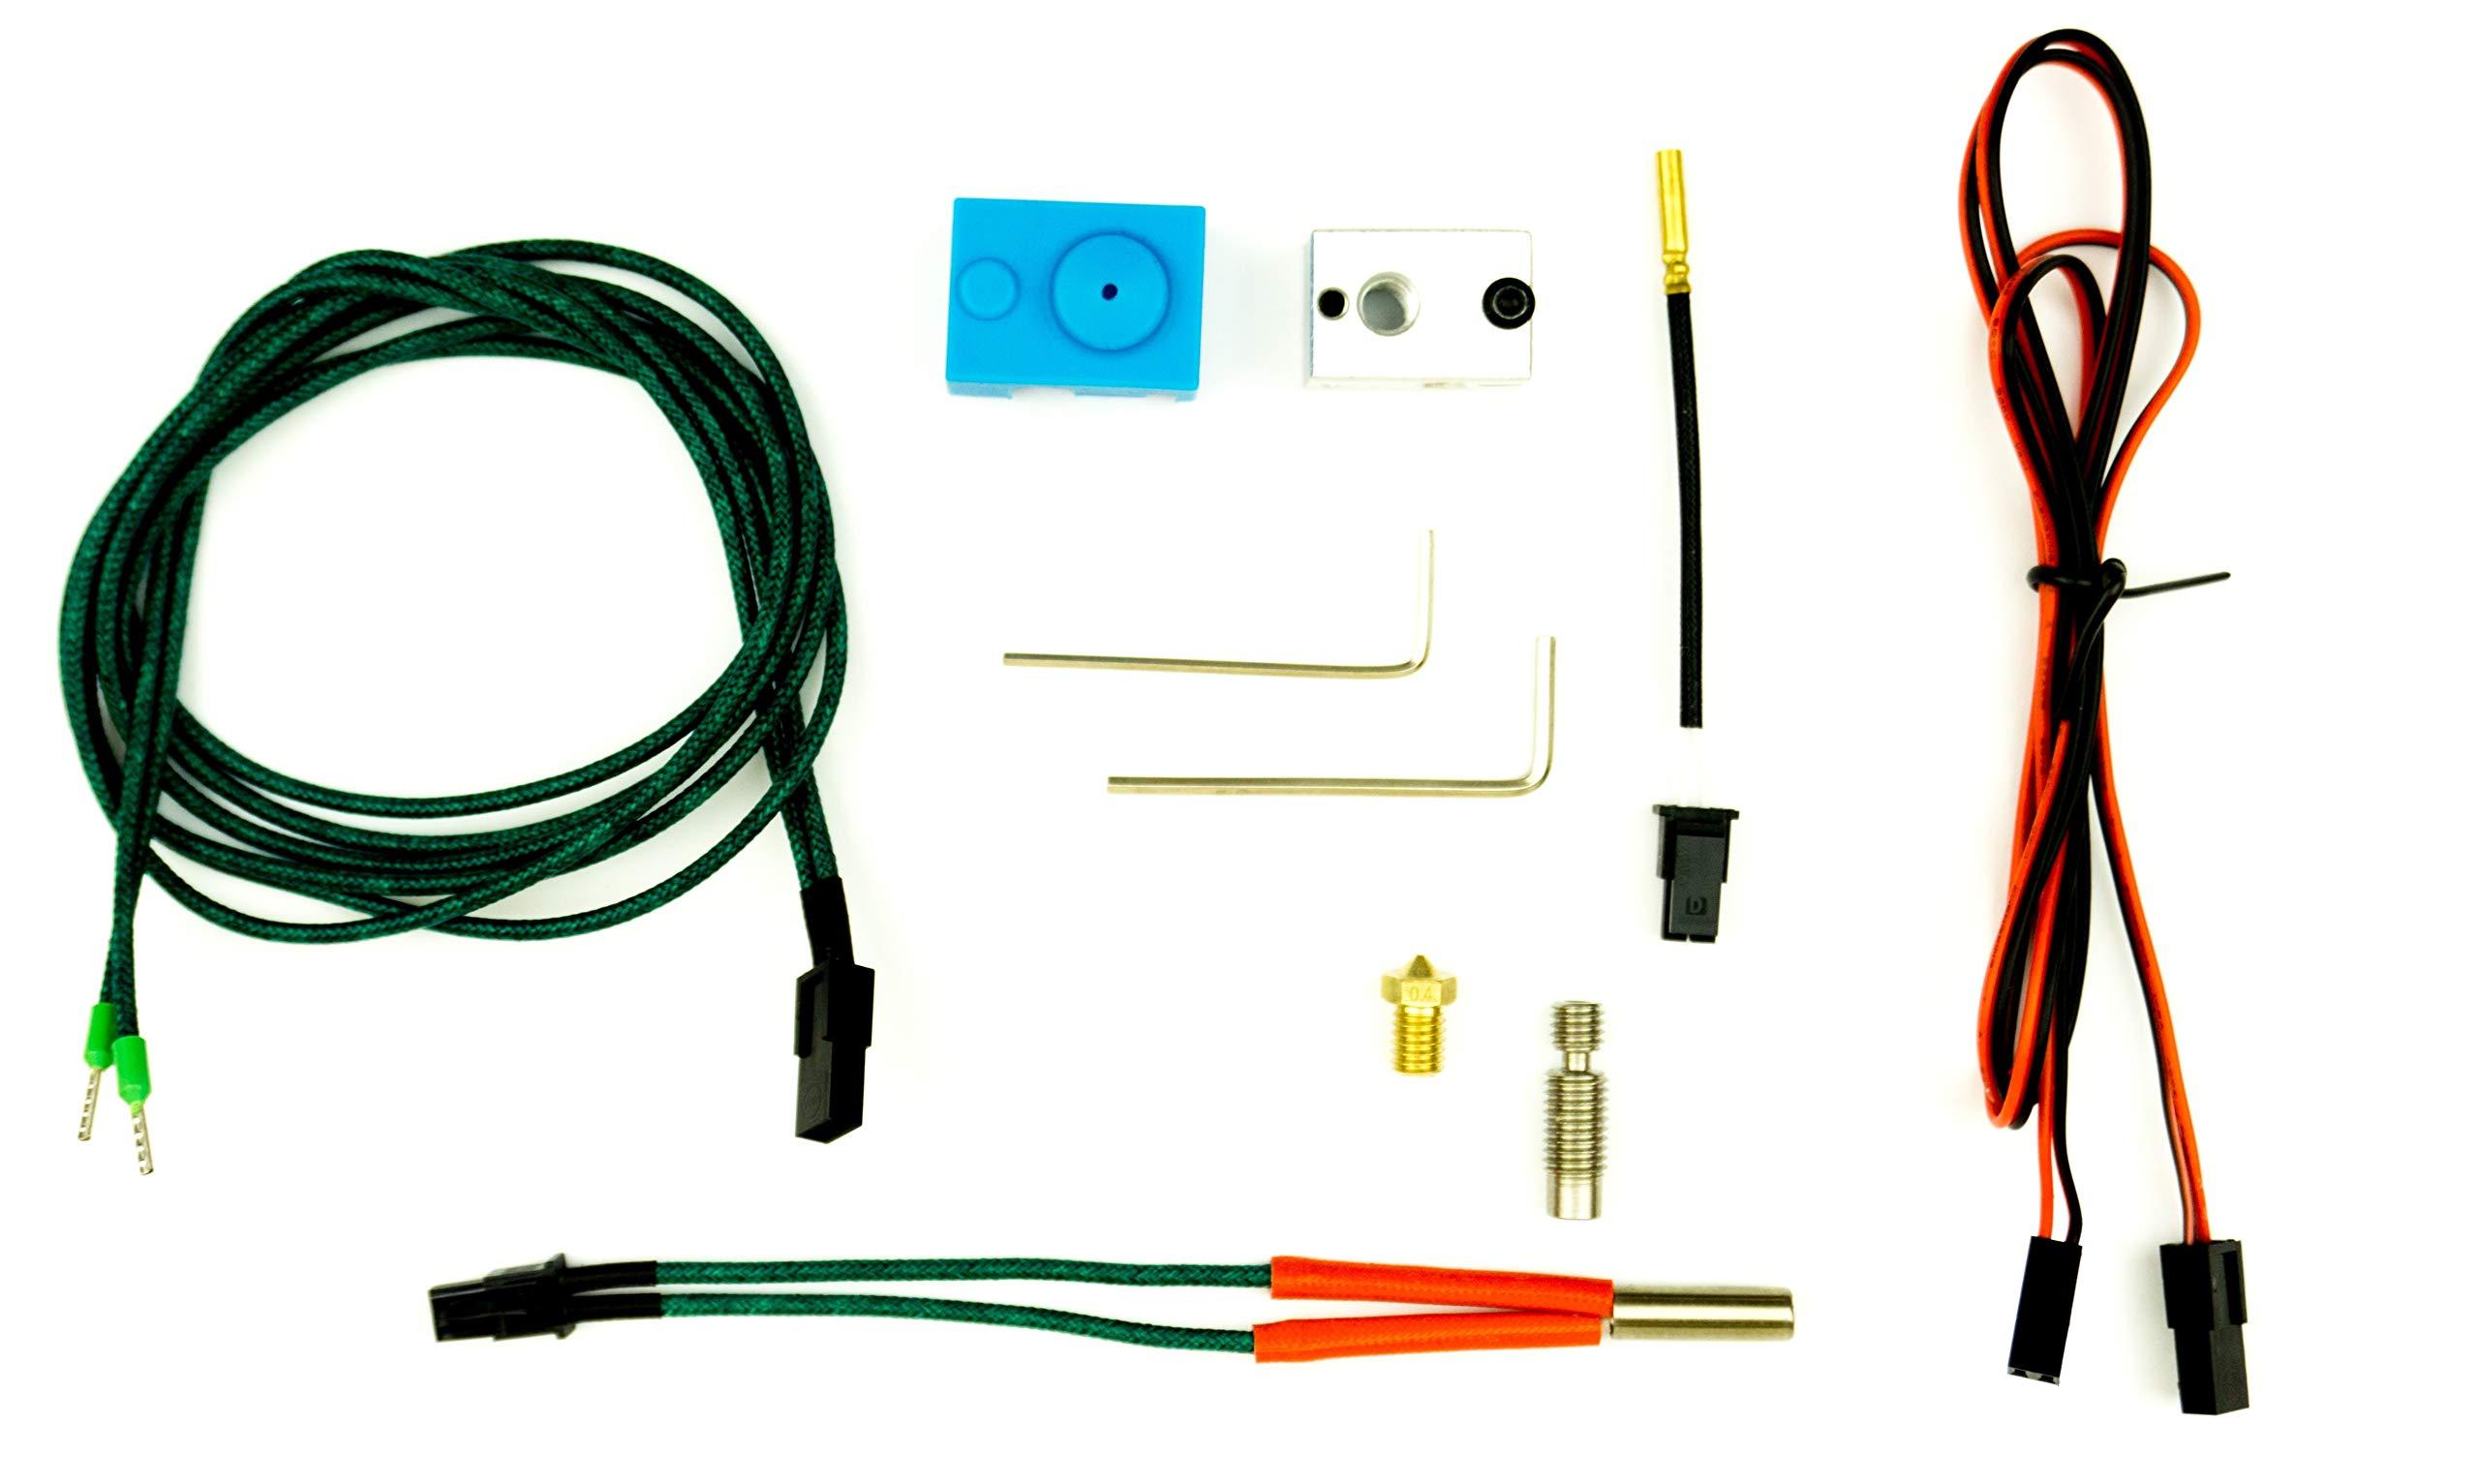 Kit de réparation et de mise à niveau pour Prusa i3 et compatible 1.75mm 24V e3d